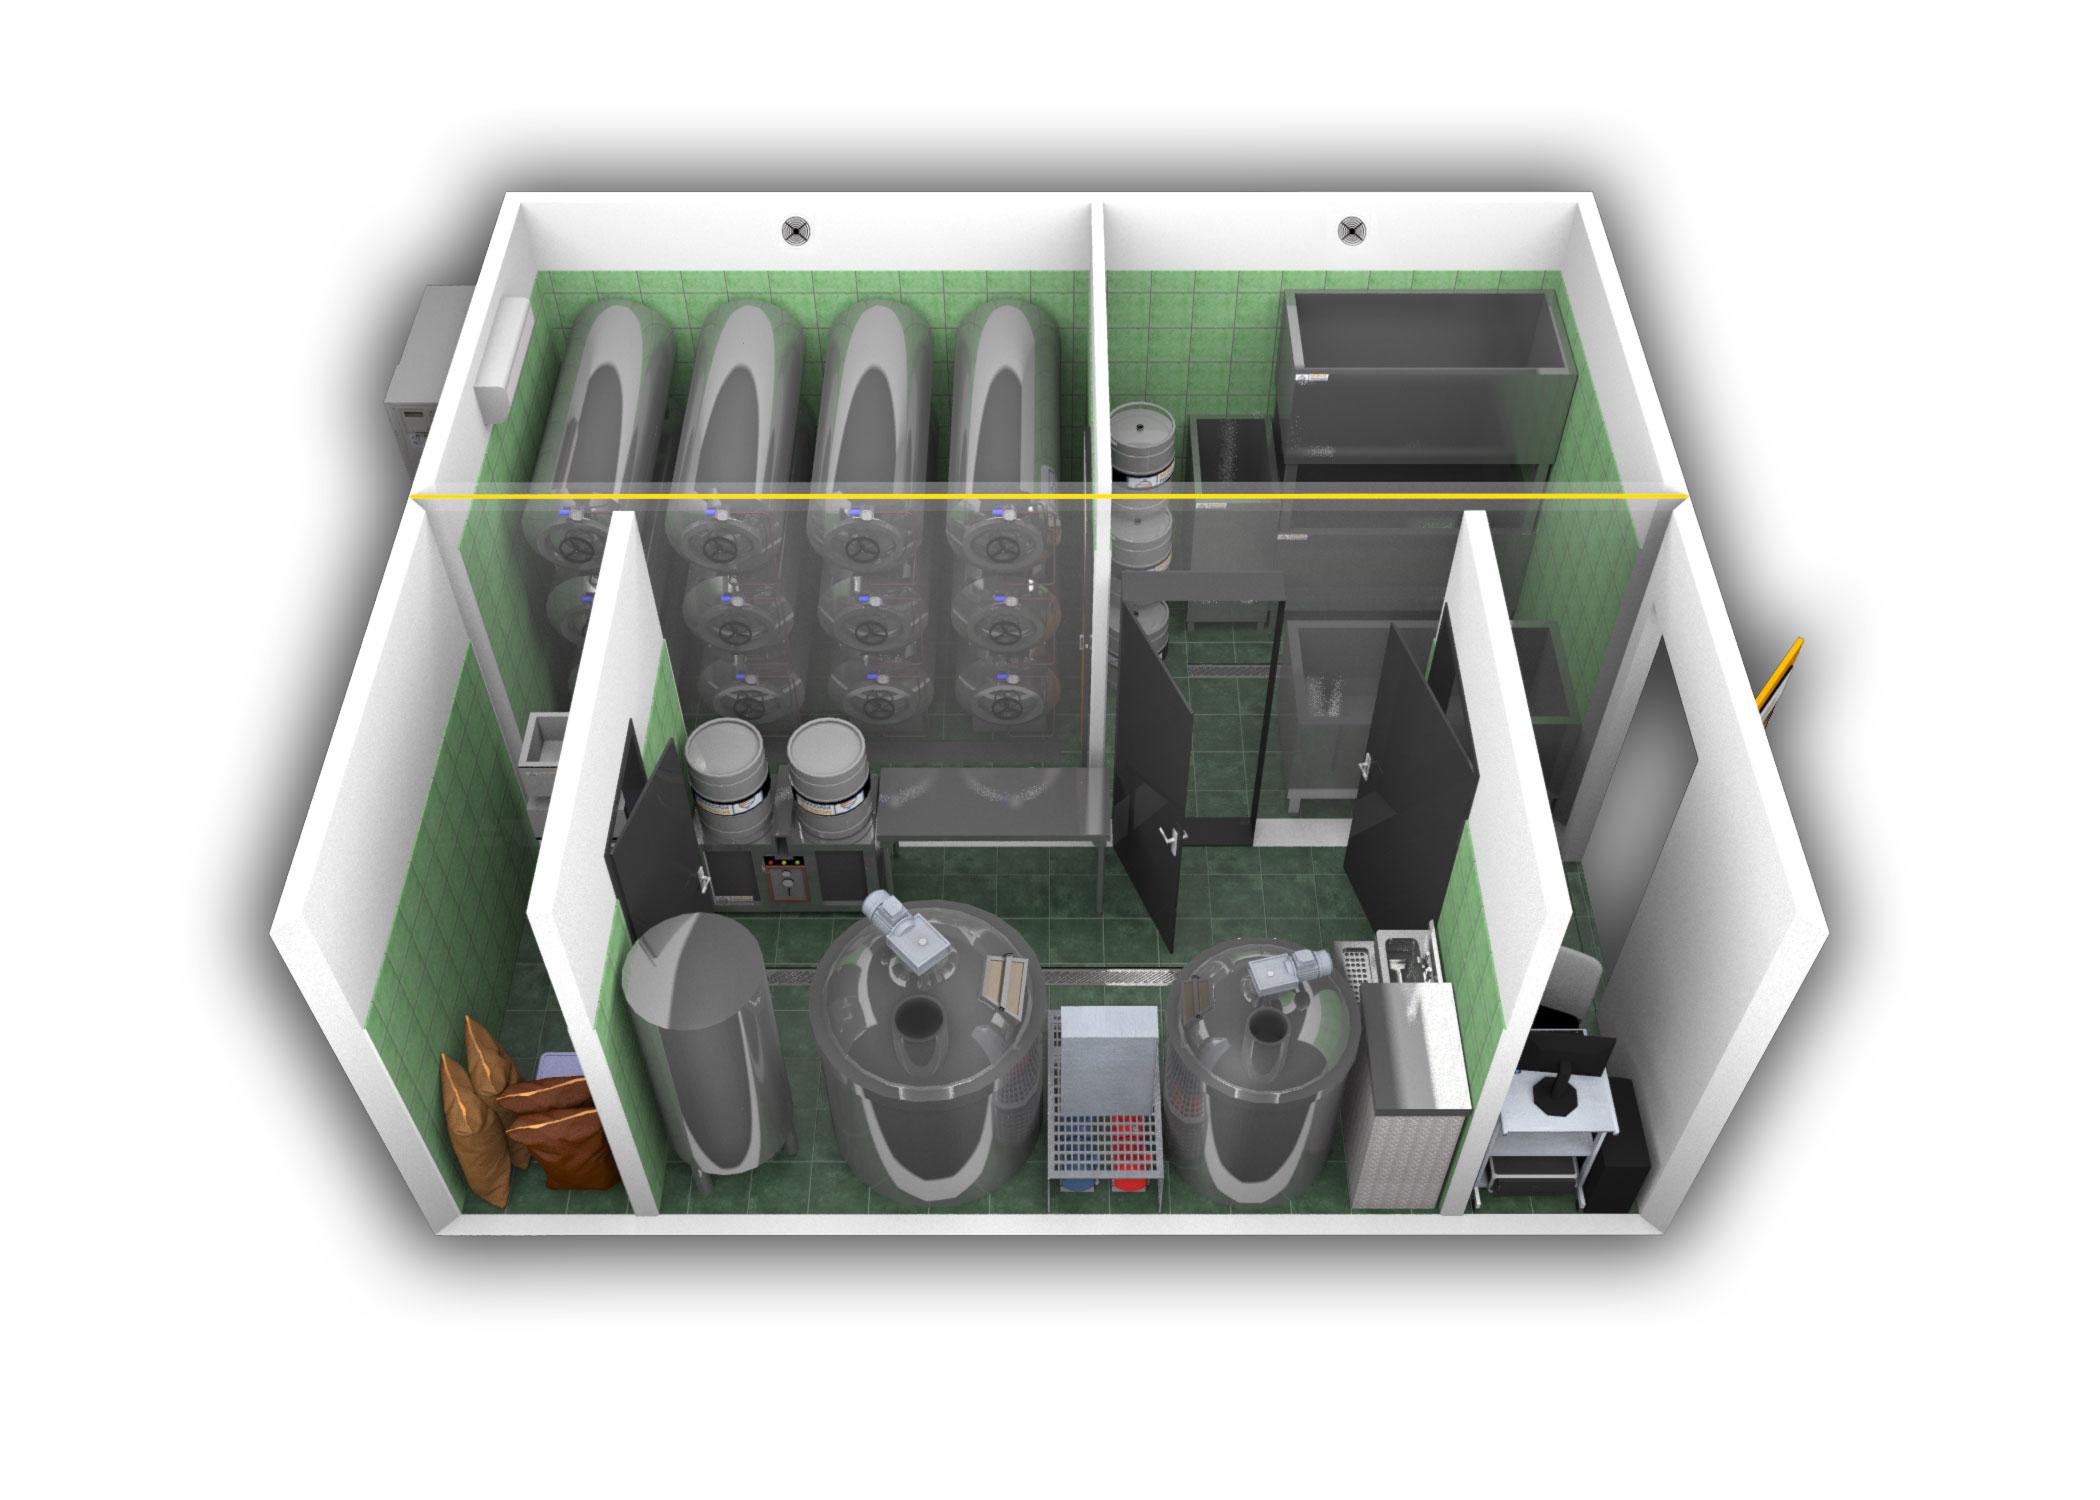 2-kontejnerový minipivovar MOBBEER - paralelní sestavení - interiér